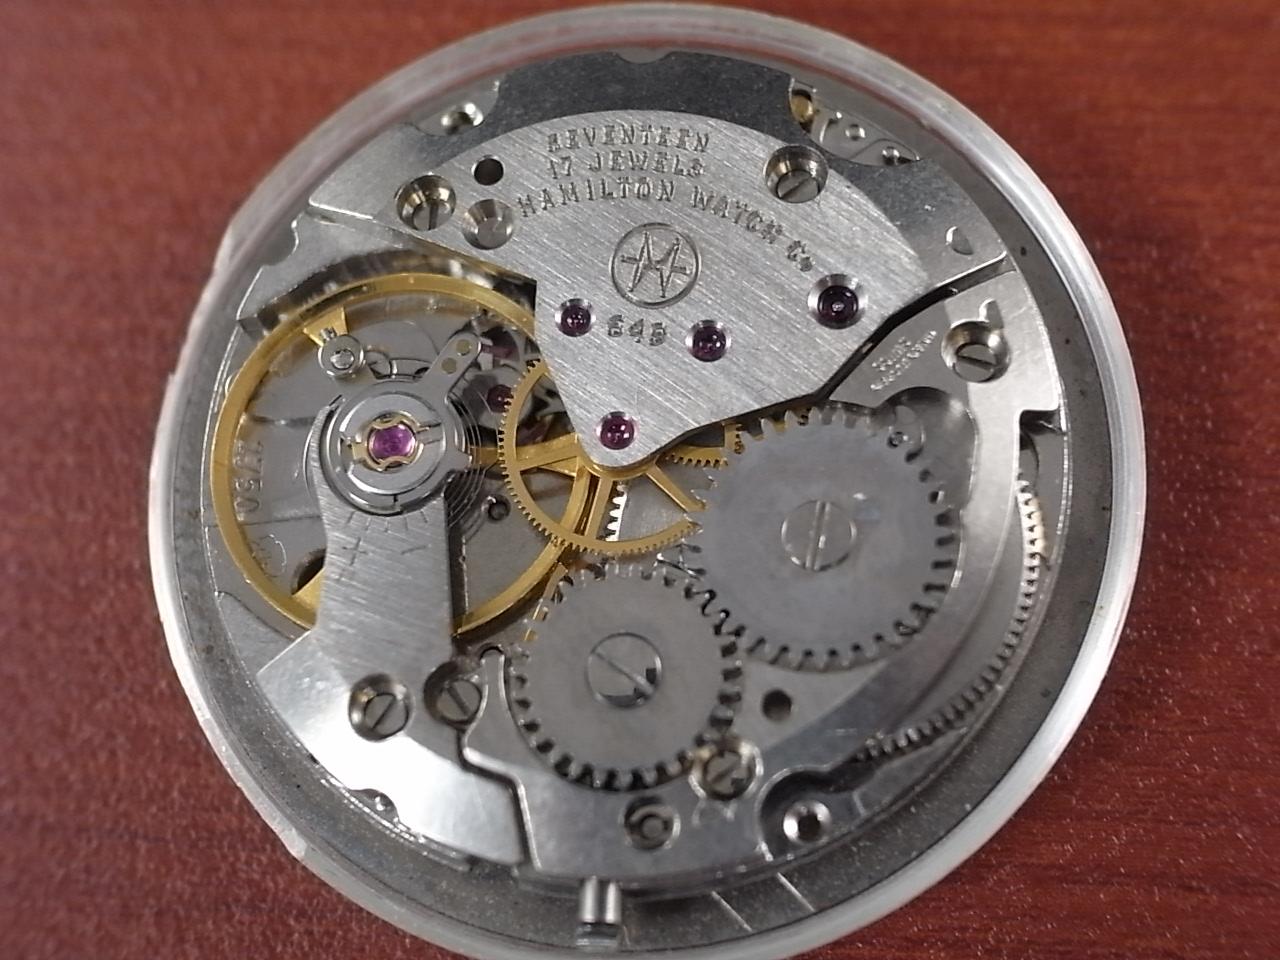 ハミルトン 軍用時計 イギリス陸軍 W10 トノーケース 1970年代の写真5枚目